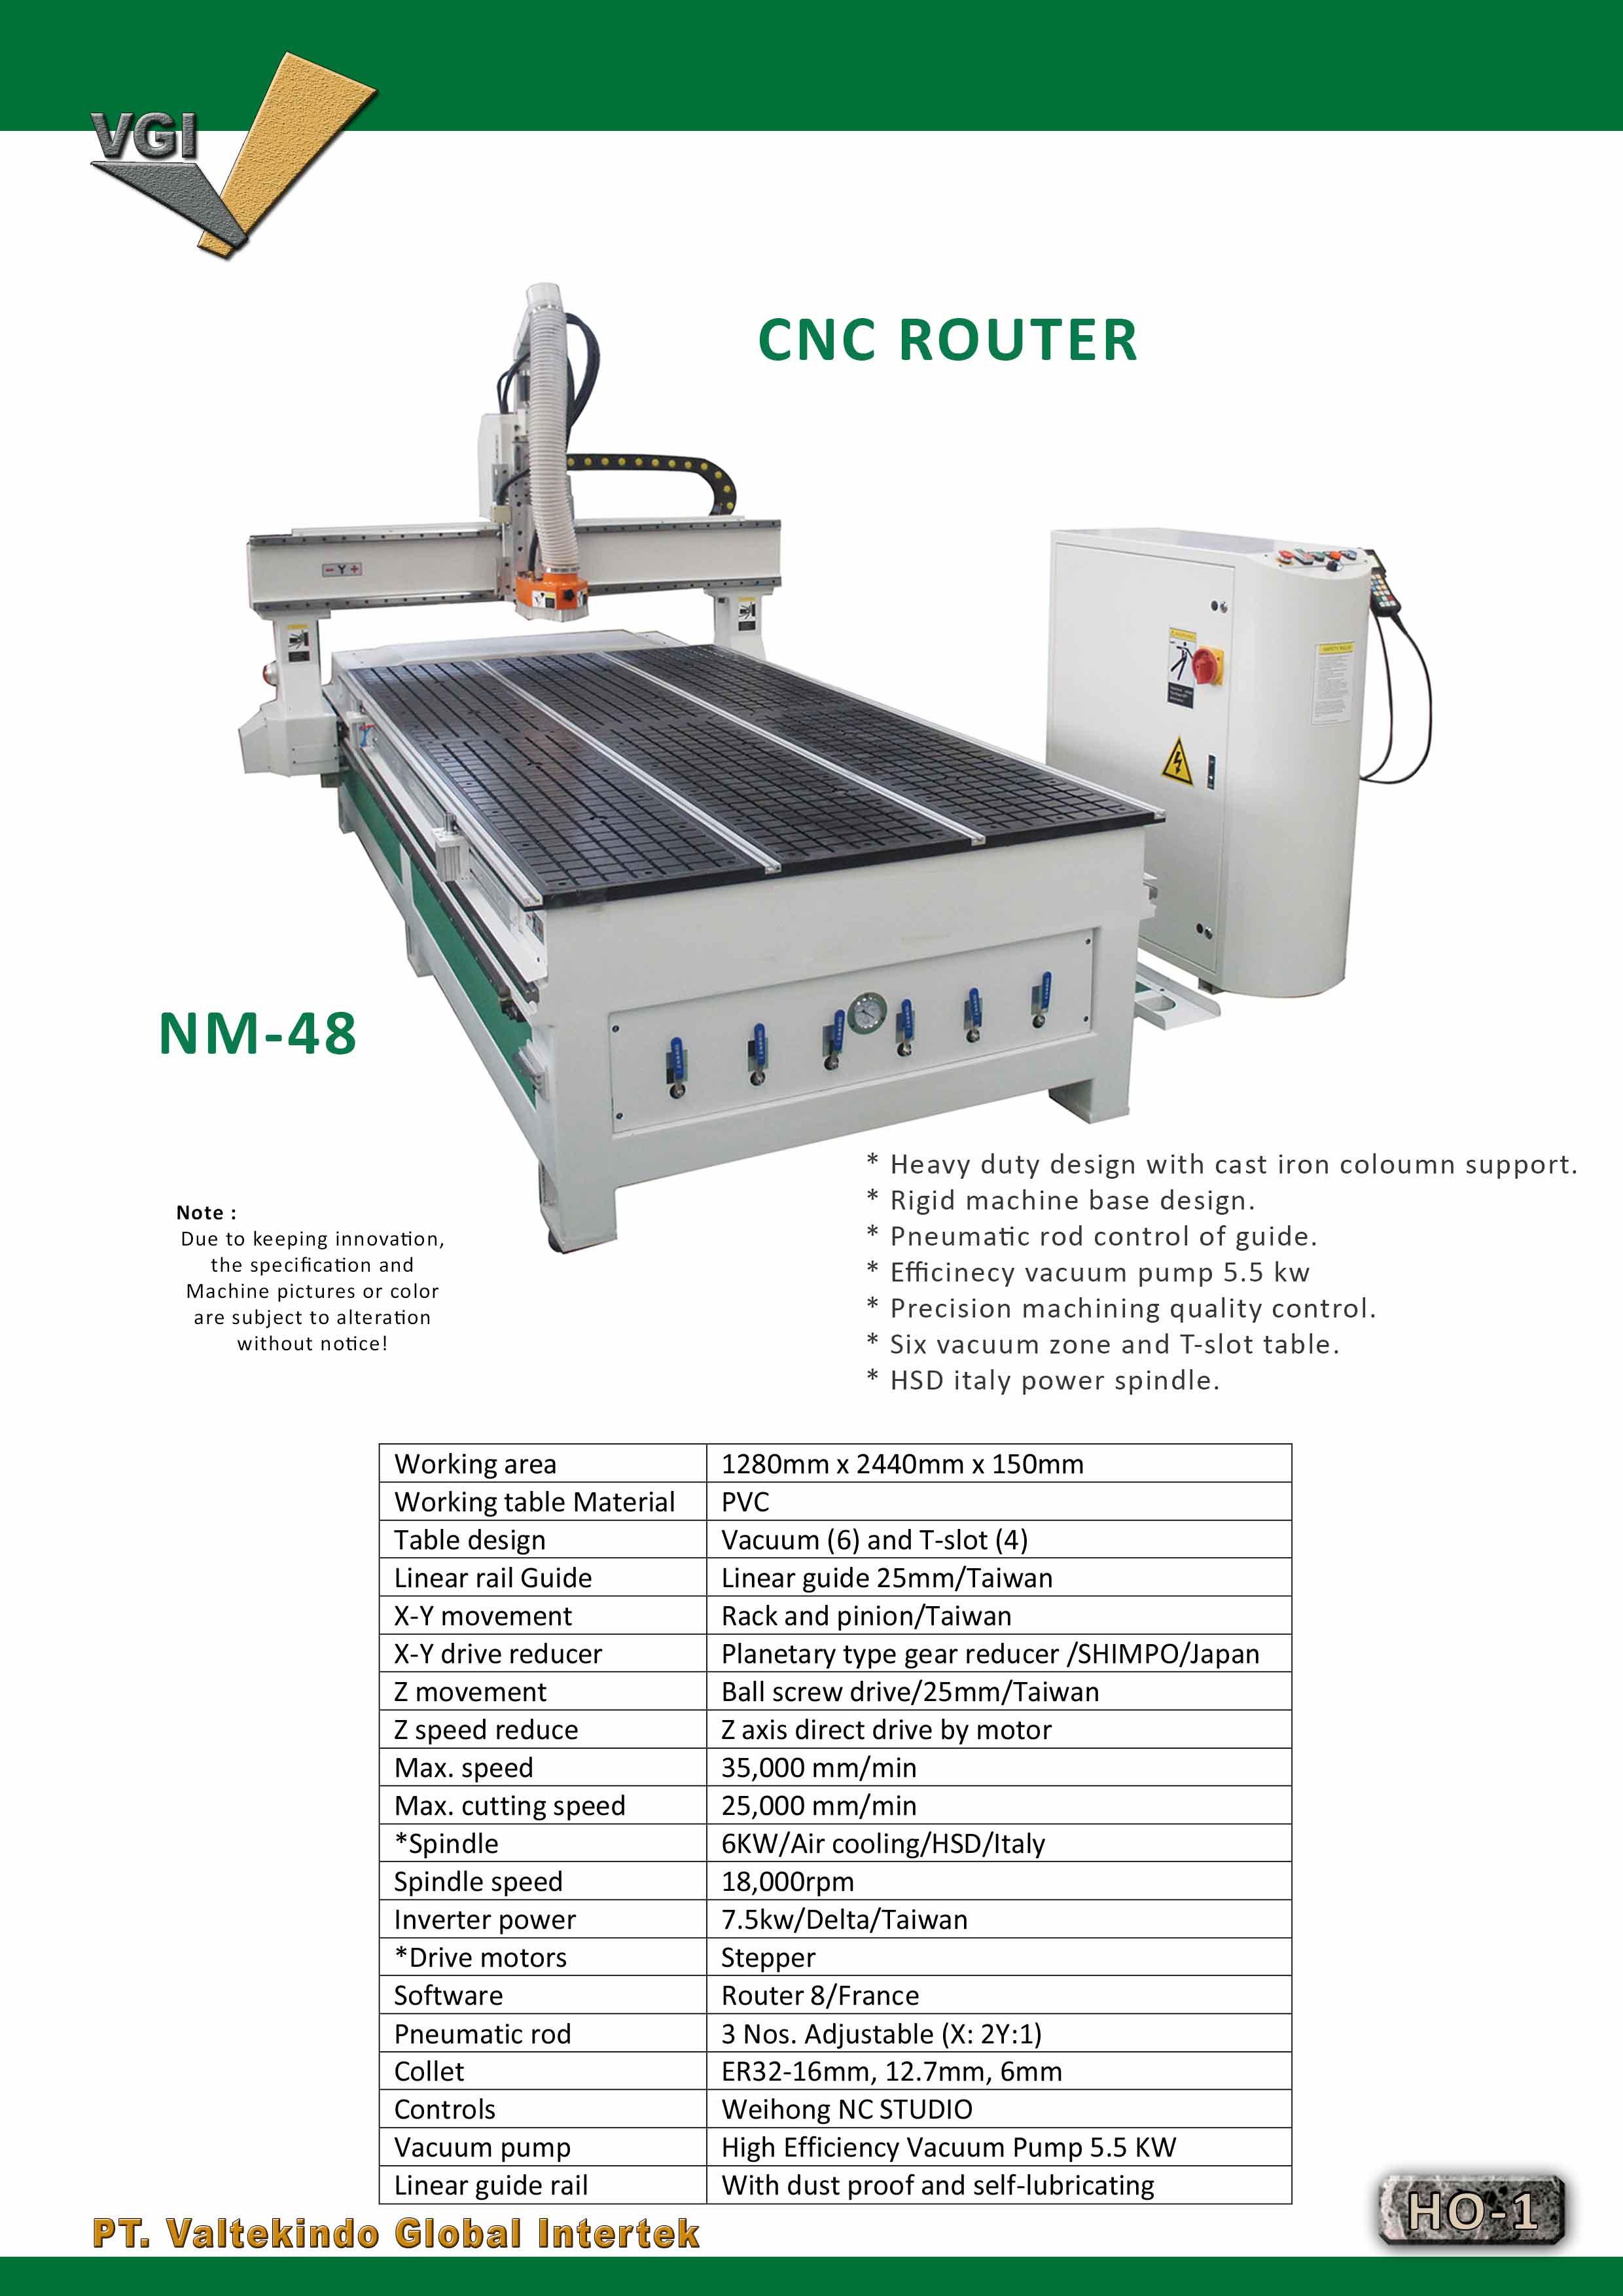 jual mesin, harga mesin, distributor mesin, jual mesin karet, daur ulang plastik CNC Router 3 CNC Router 3